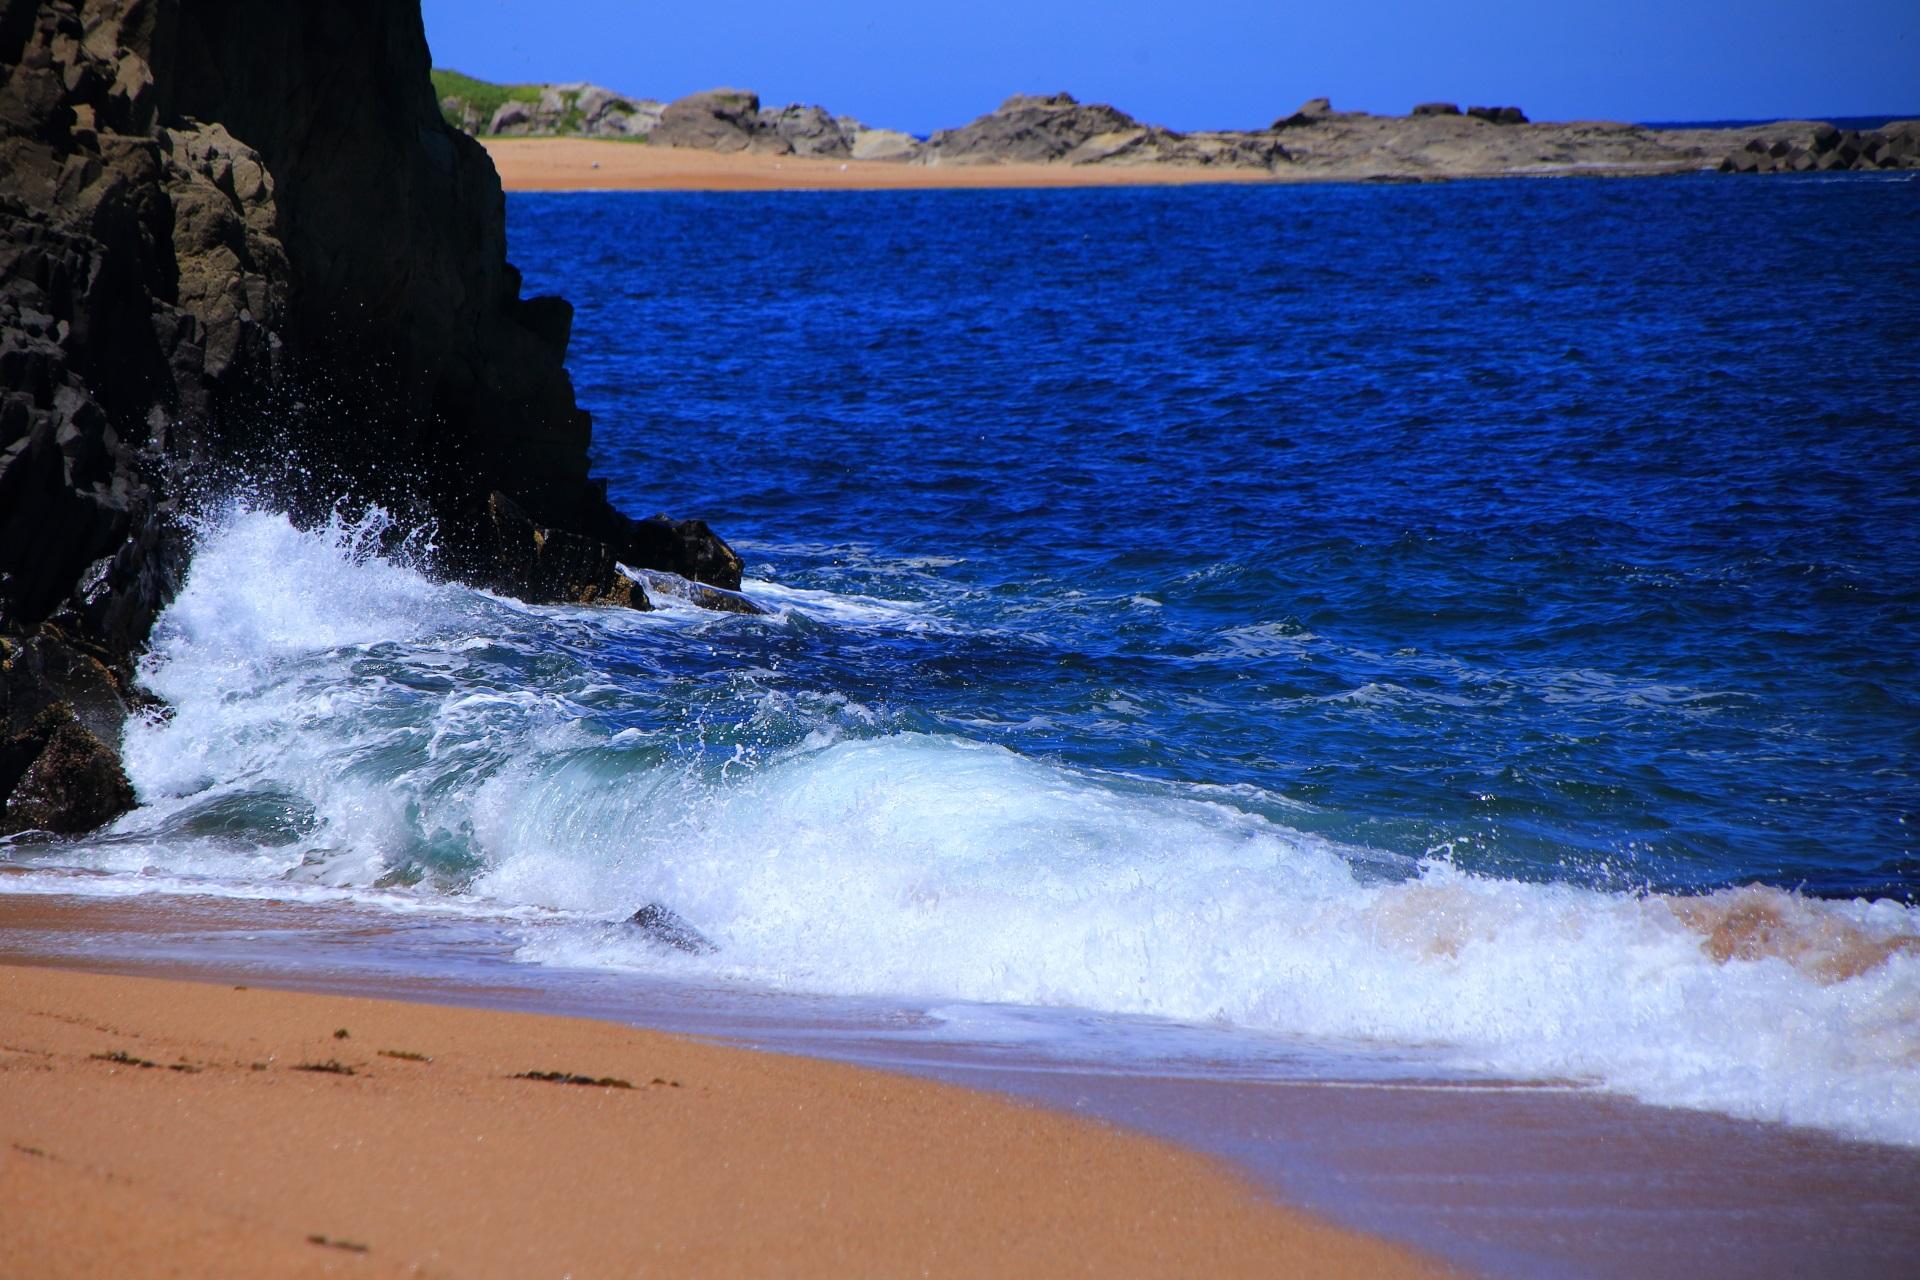 砂浜を潤し岩を削る京丹後の間人の海の波